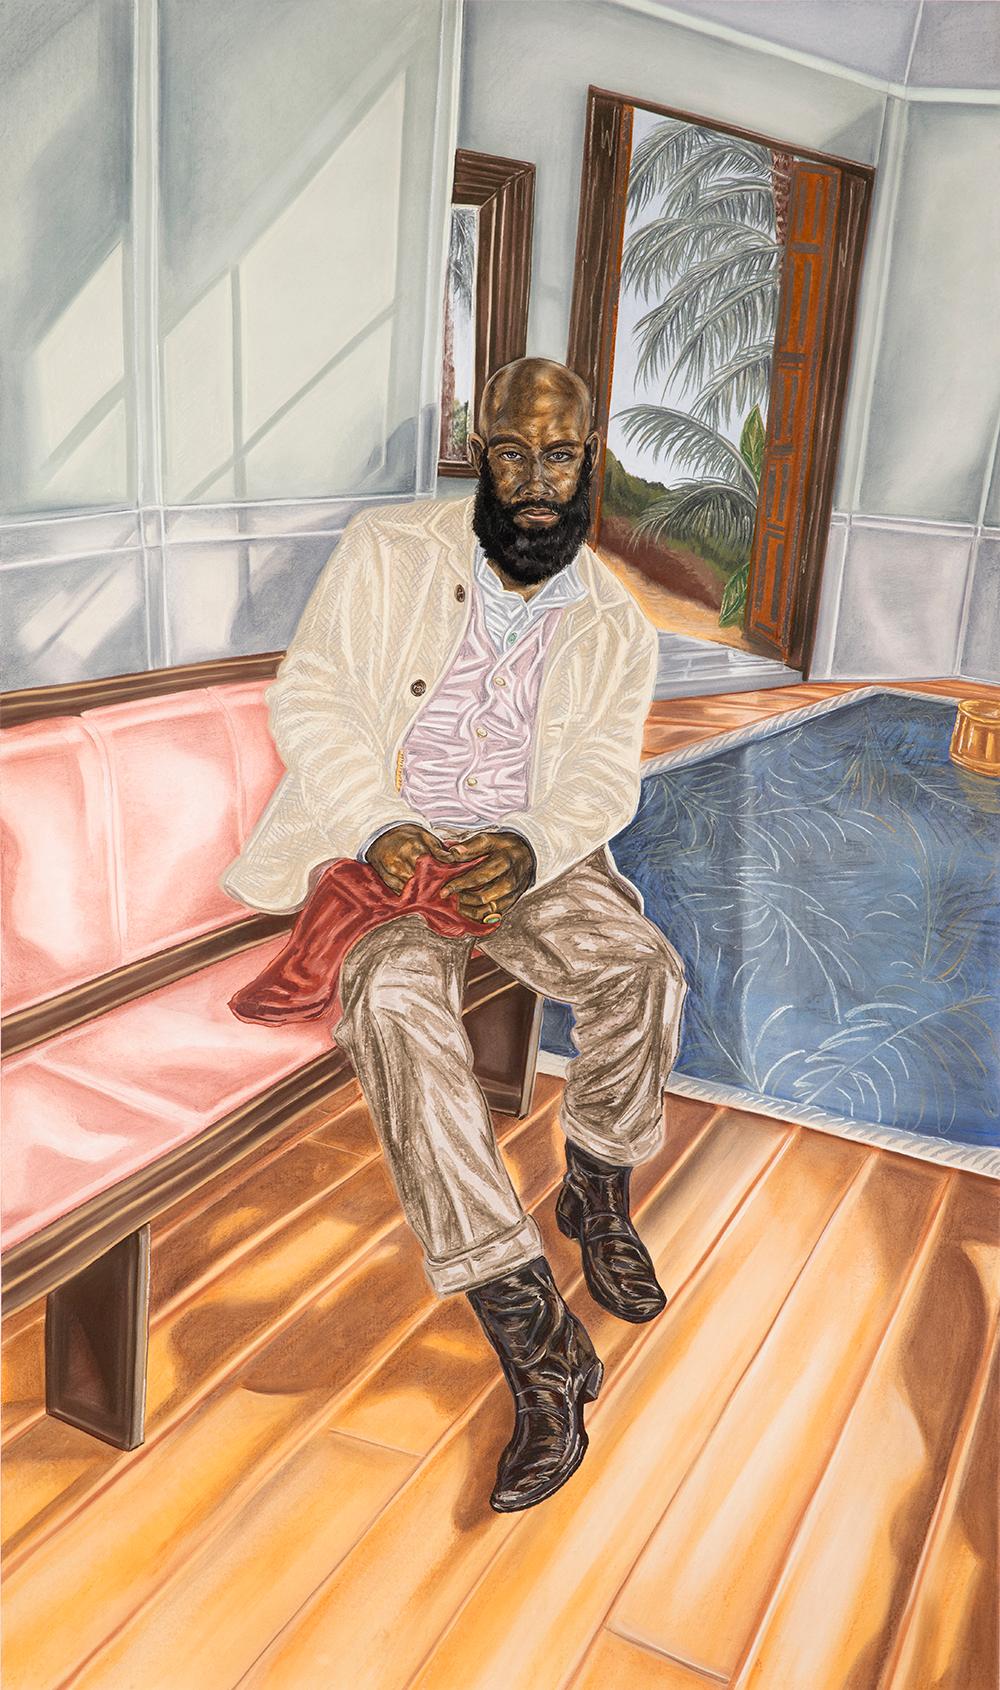 oyin Ojih Odutola. Years Later - Her Scarf, 2017